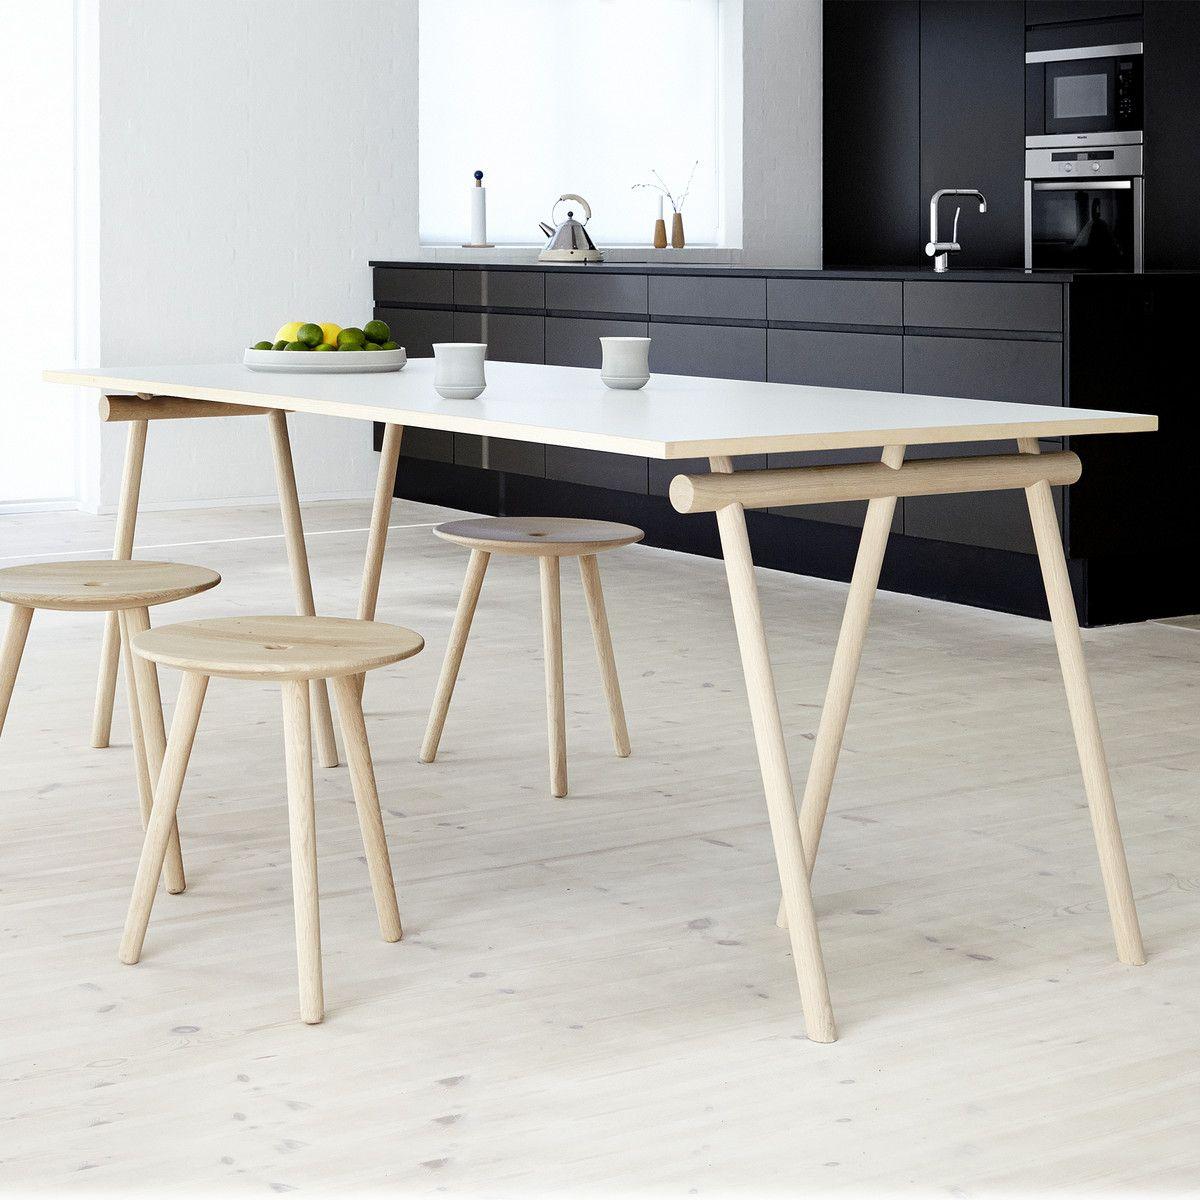 Der applicata stick top tisch table in 2019 pinterest - Esstisch skandinavisches design ...